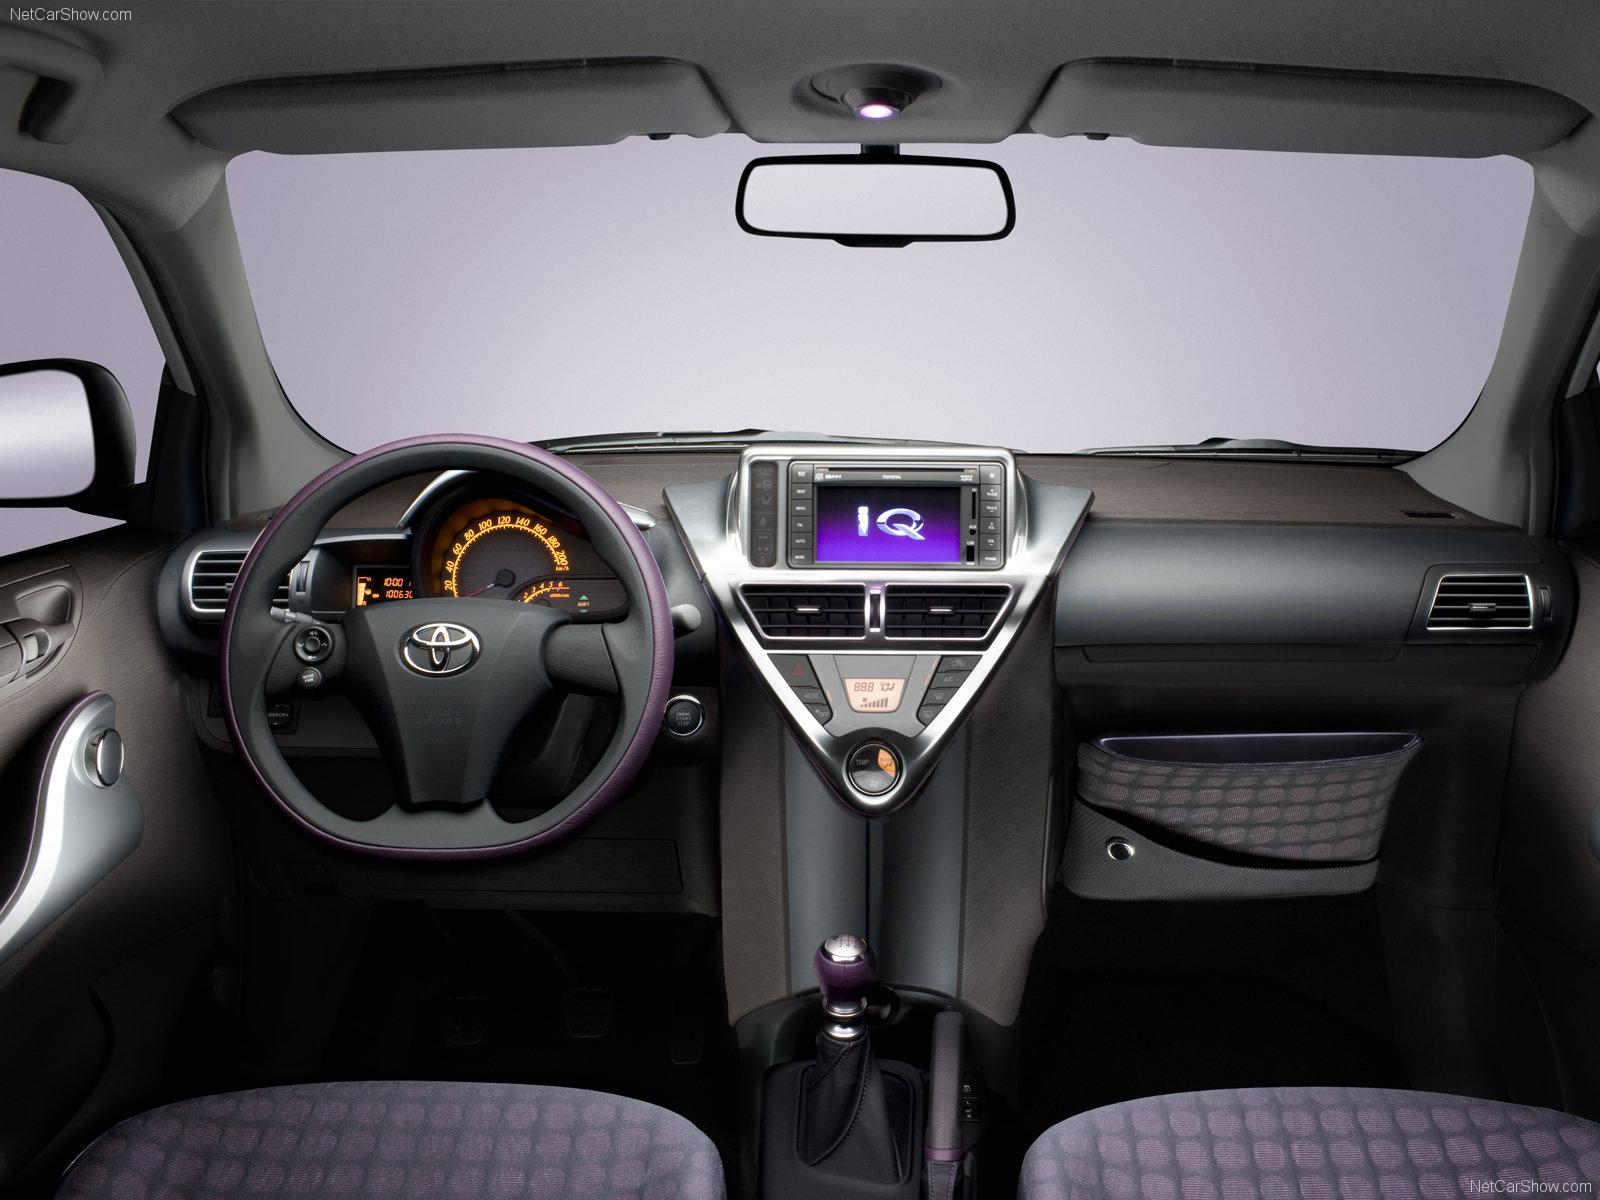 2018 toyota iq. Unique Toyota New Toyota IQ Pictures Inside 2018 Toyota Iq T